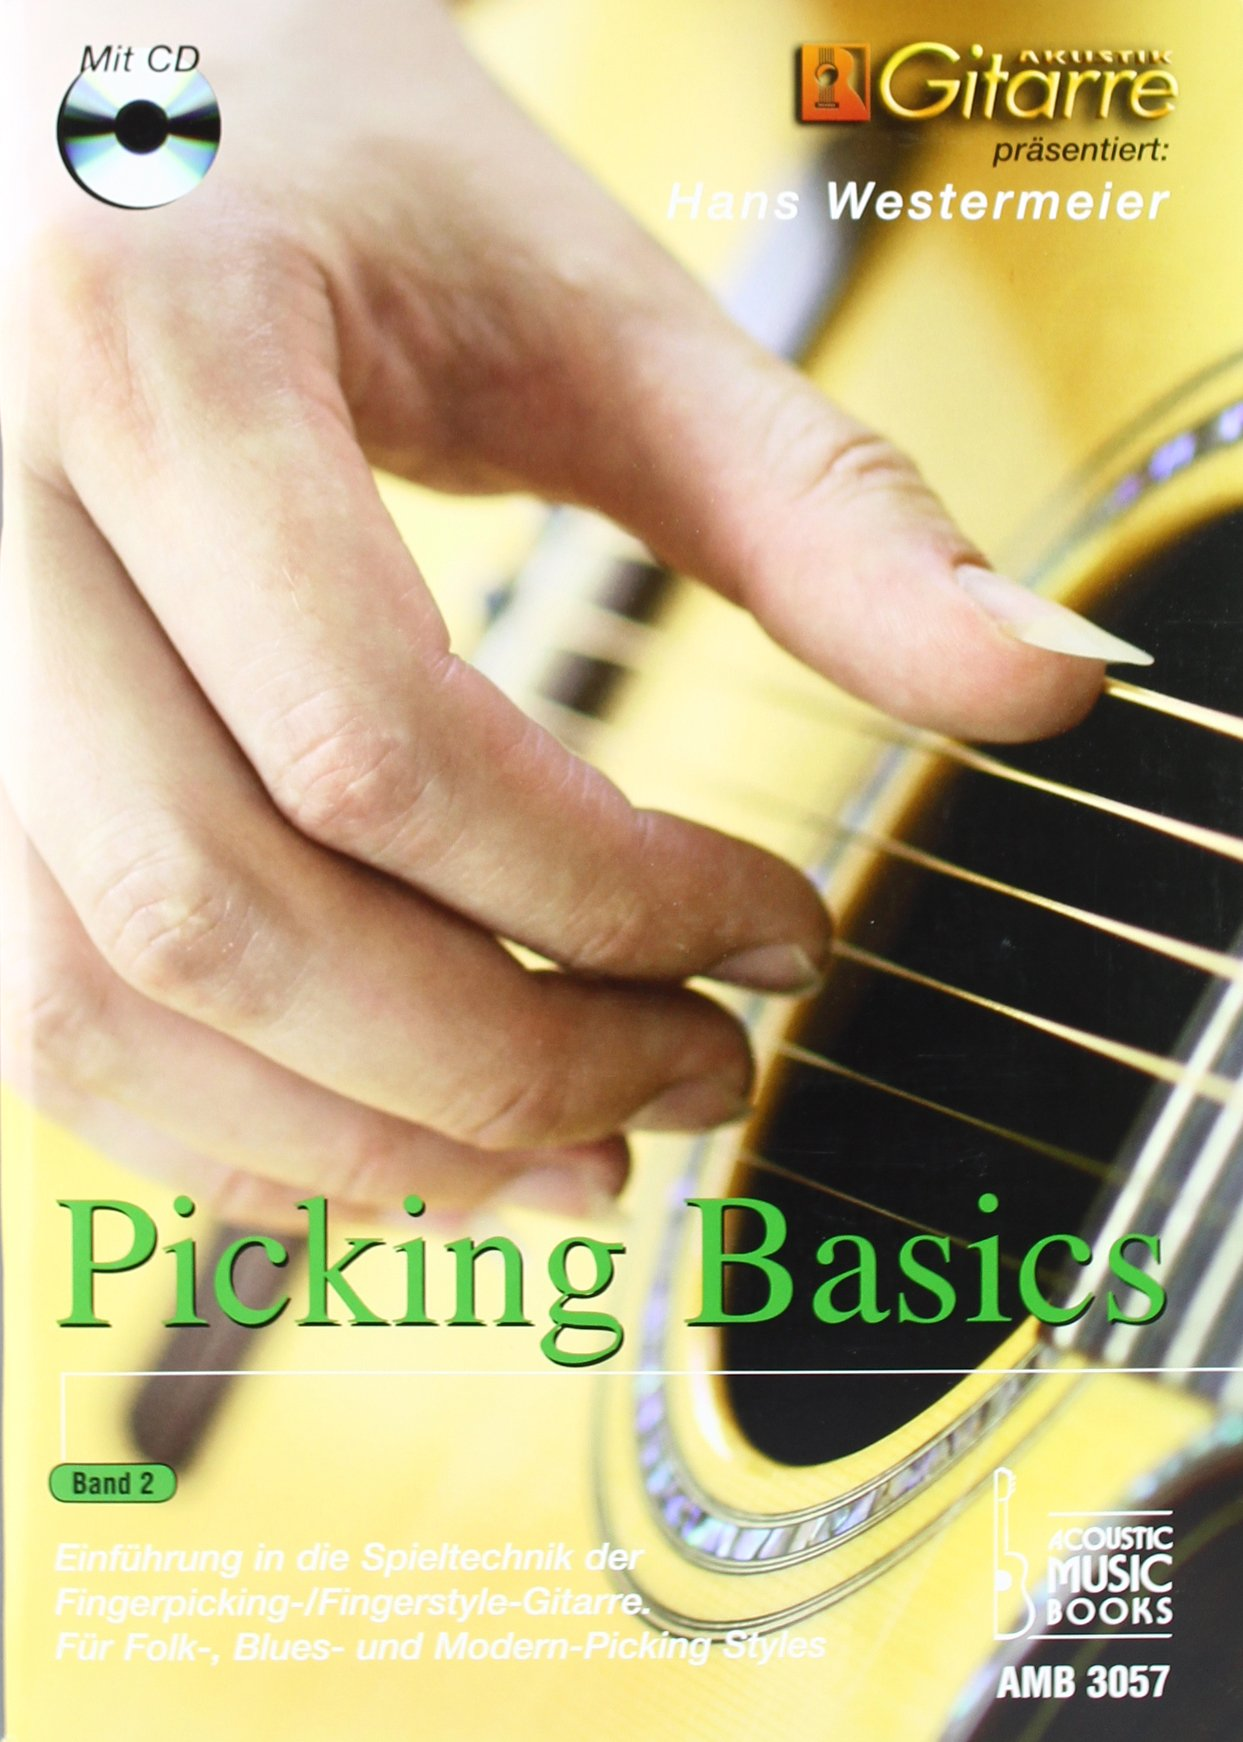 Picking Basics. Einführung in die Spieltechnik der Fingerpicking-/Fingerstyle-Gitarre. Für Folk-, Blues- und Modern-Picking Styles. Band 2